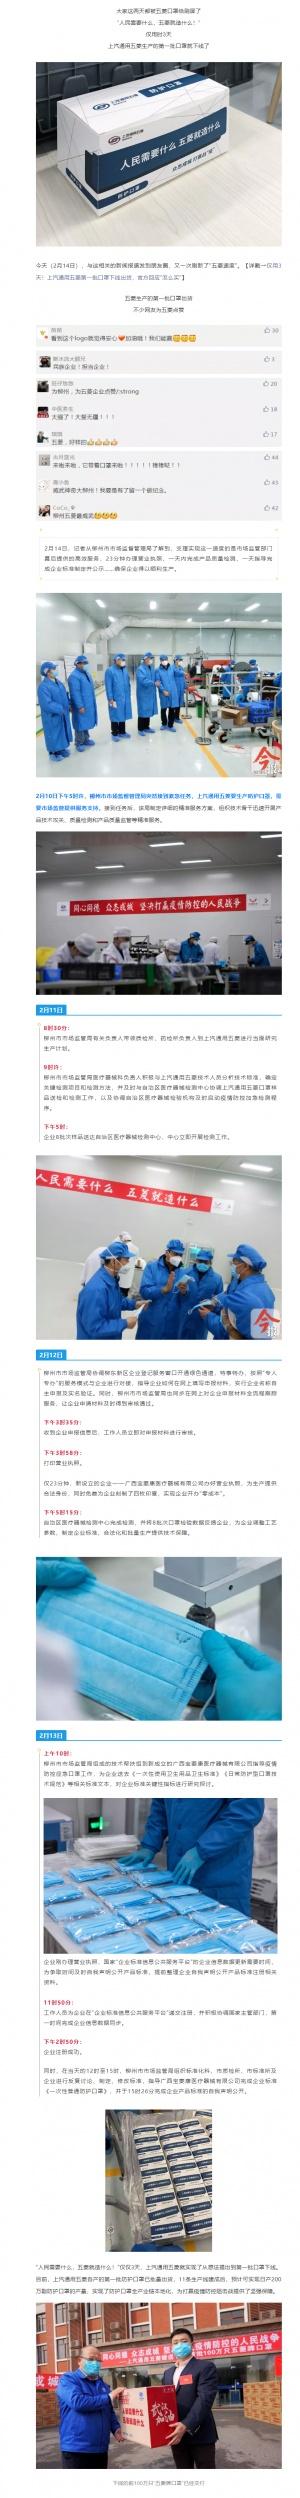 """一探究竟!""""五菱""""口罩三天成功下线,柳州速度是如何实现的?"""